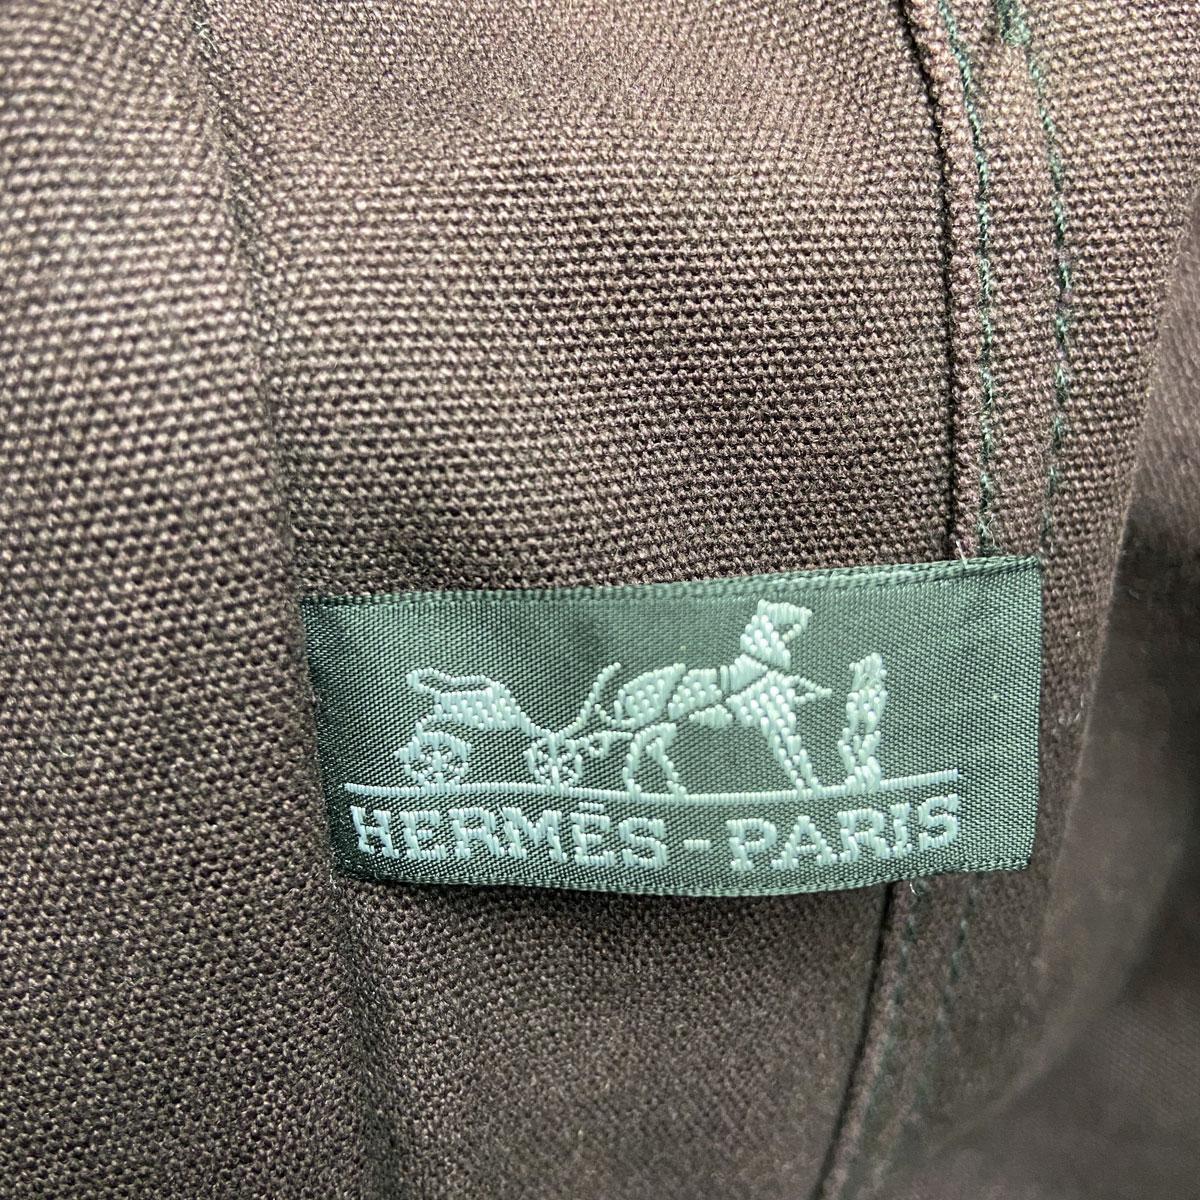 HERMES エルメス フールトゥMM  トートバッグ バイカラー ワインレッド×ブラック キャンバス